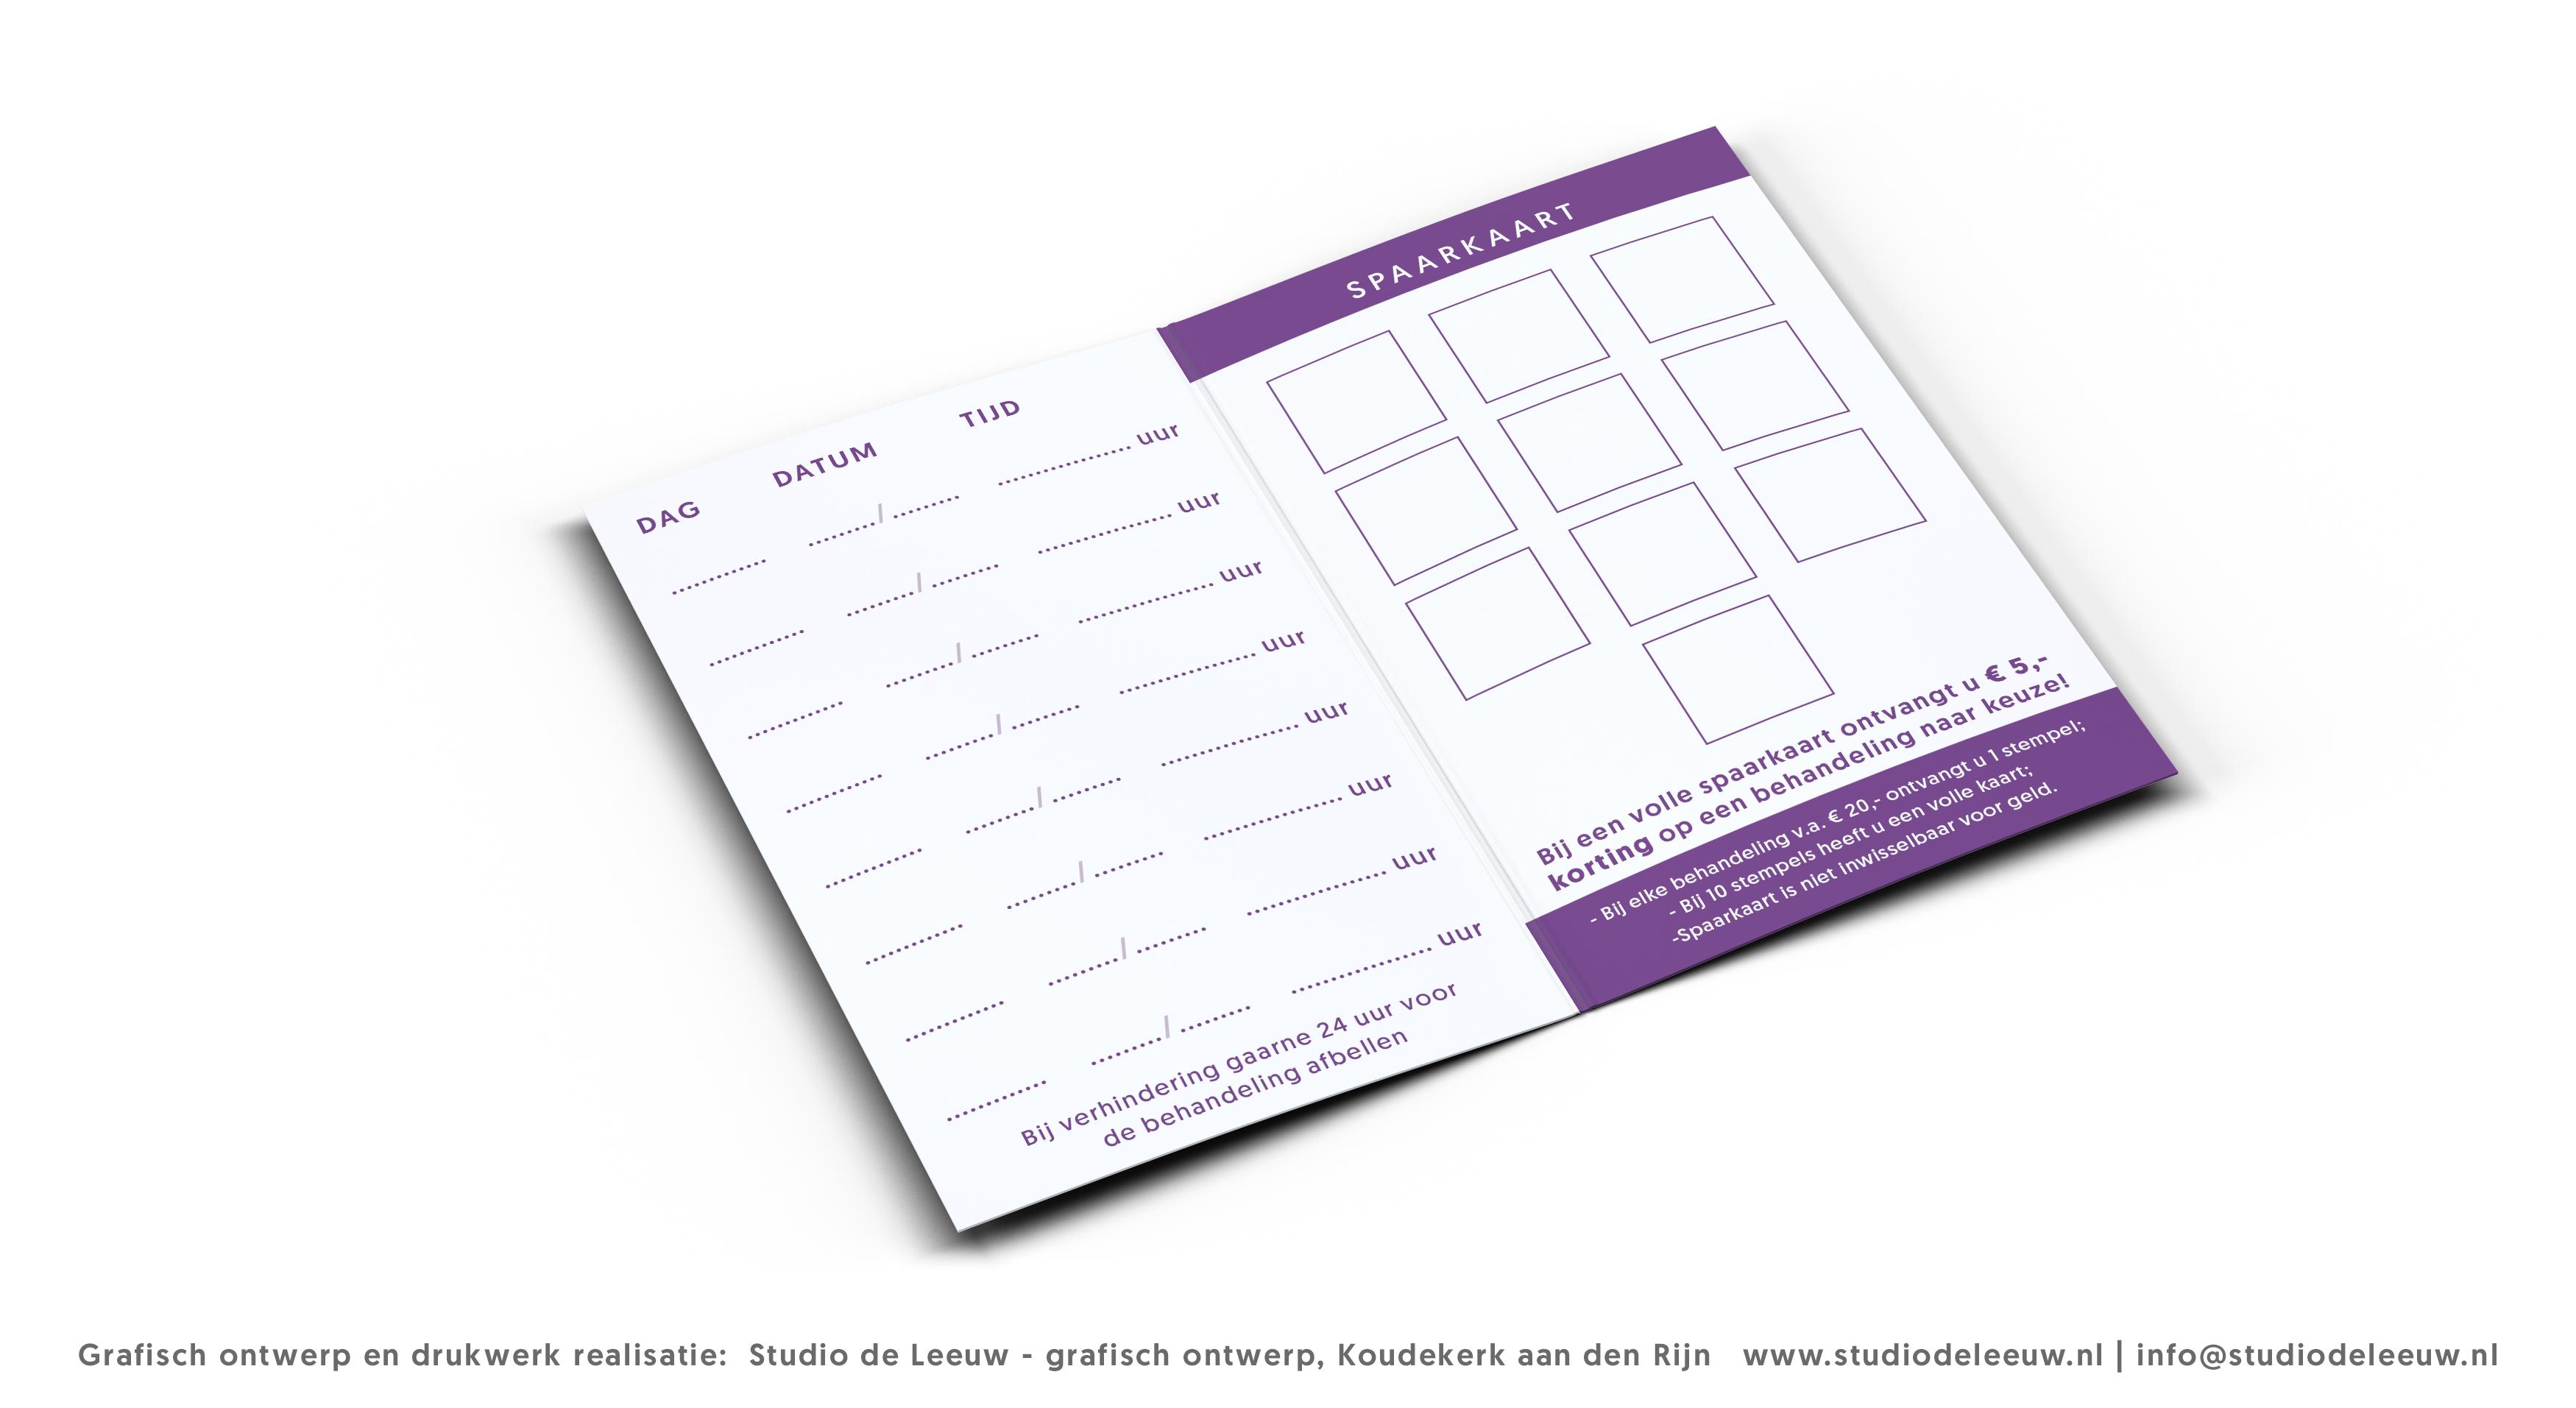 Trendy Lashes_afsprakenspaarkaart2 Mockup